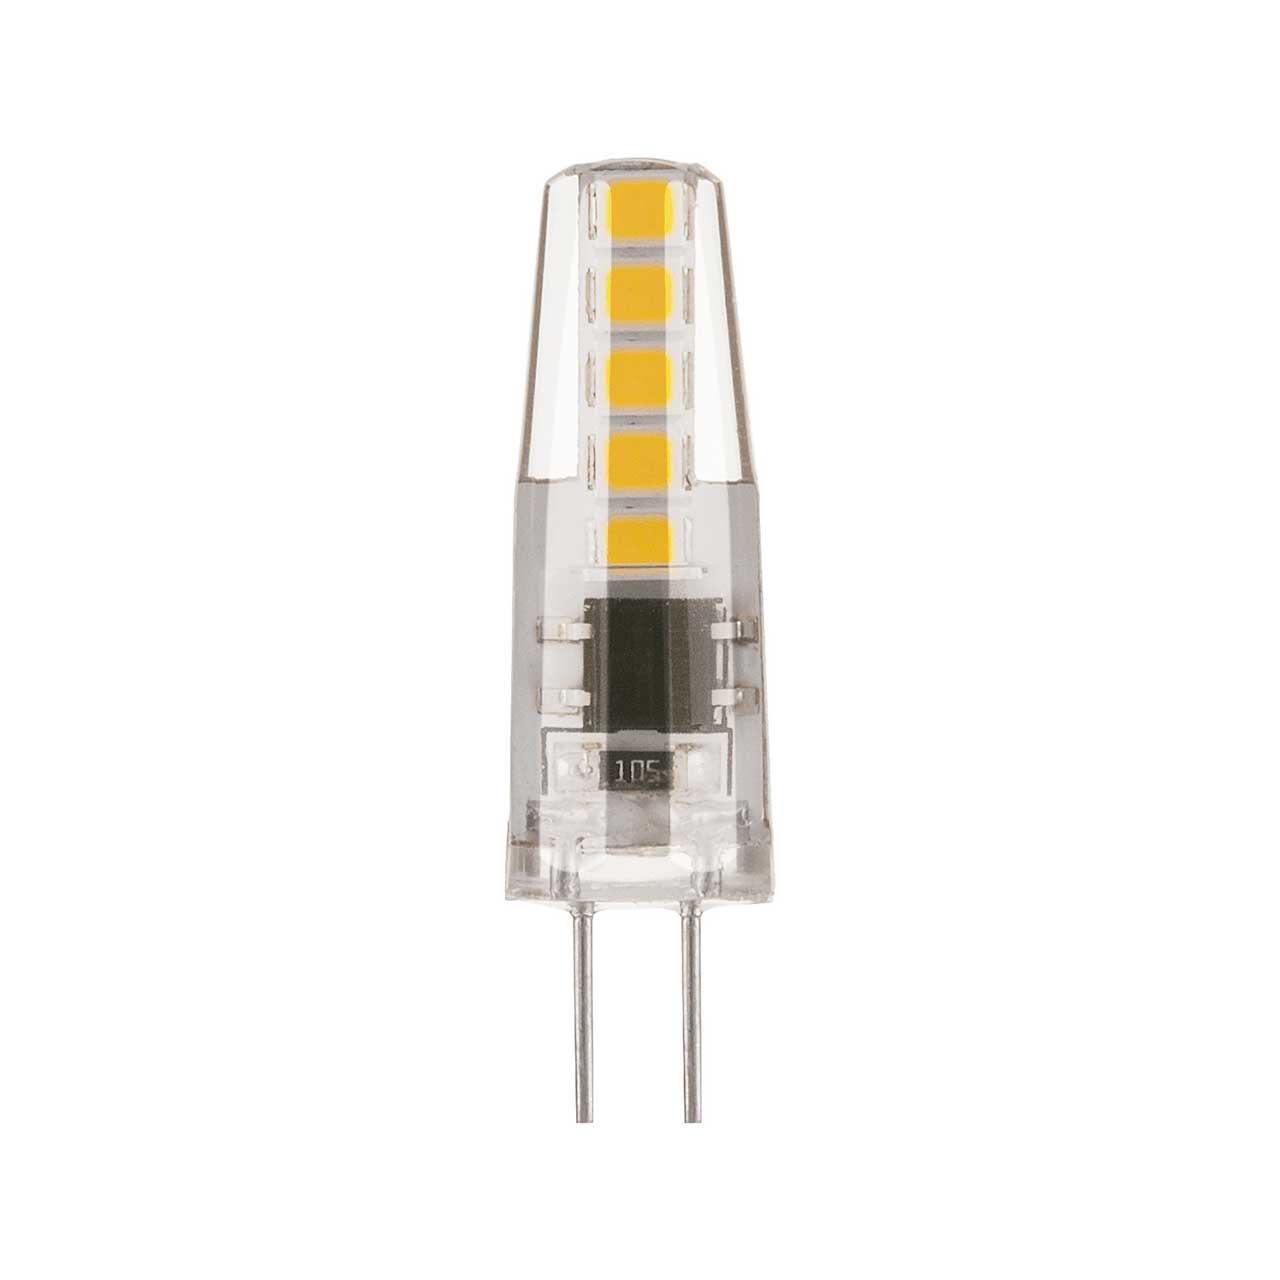 Лампа светодиодная G4 3W 3300K кукуруза прозрачная 4690389118975